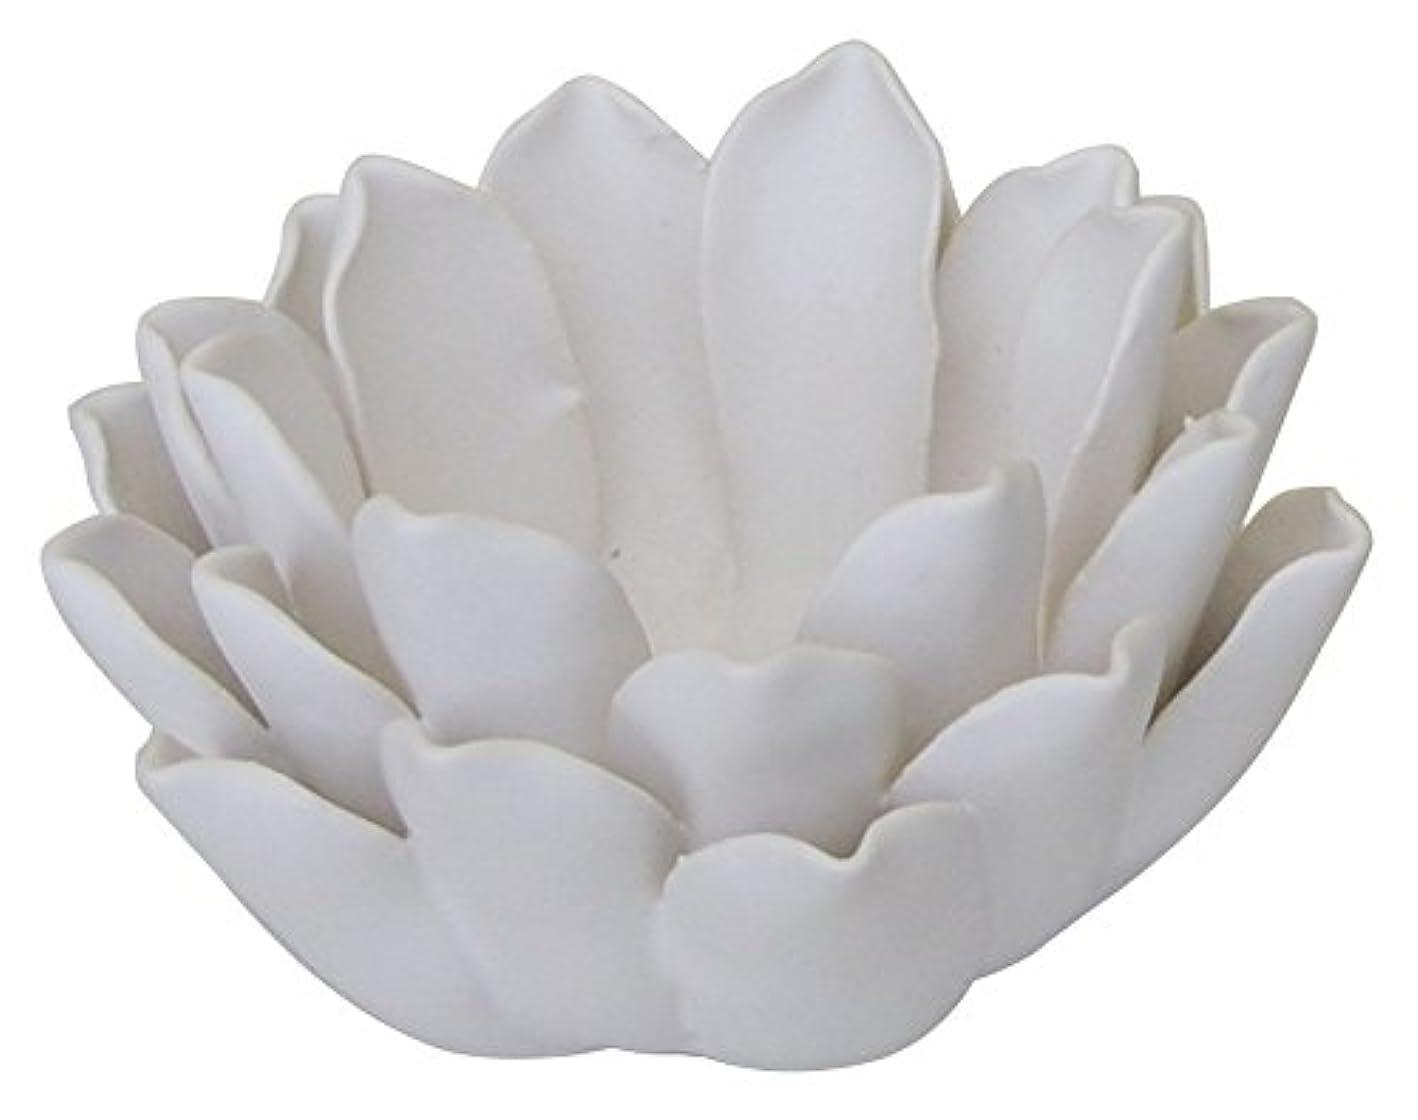 シガレットである一握りマルエス 燭台 陶器製 ロータス 小 ホワイト